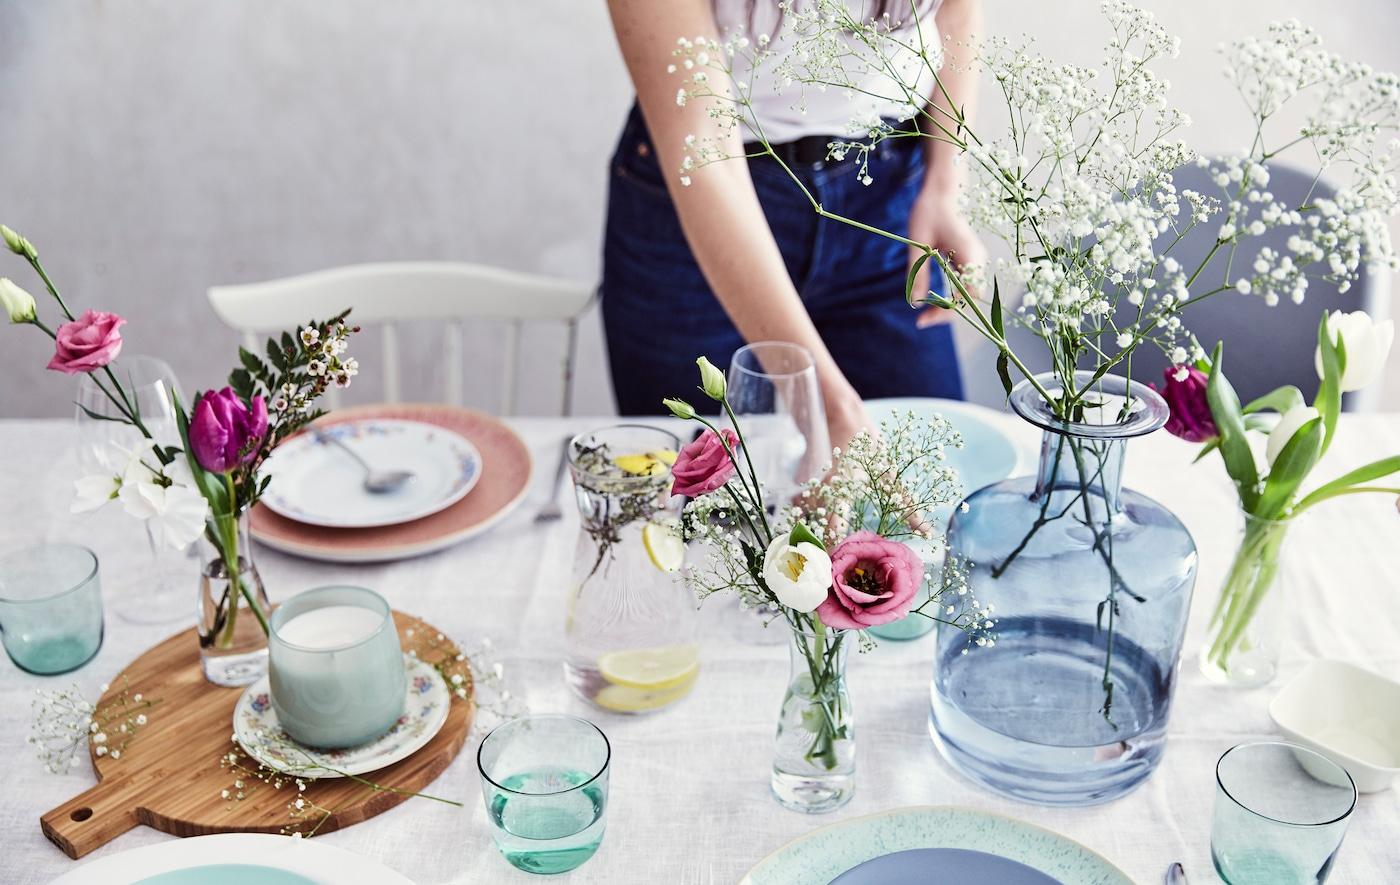 Pöytä, jolla on pastellivärisiä astioita ja tuoreita kukkia, eri muotoisia ja kokoisia lasimaljakoita, puinen leikkuulauta ja puuvilla pöytäliina.